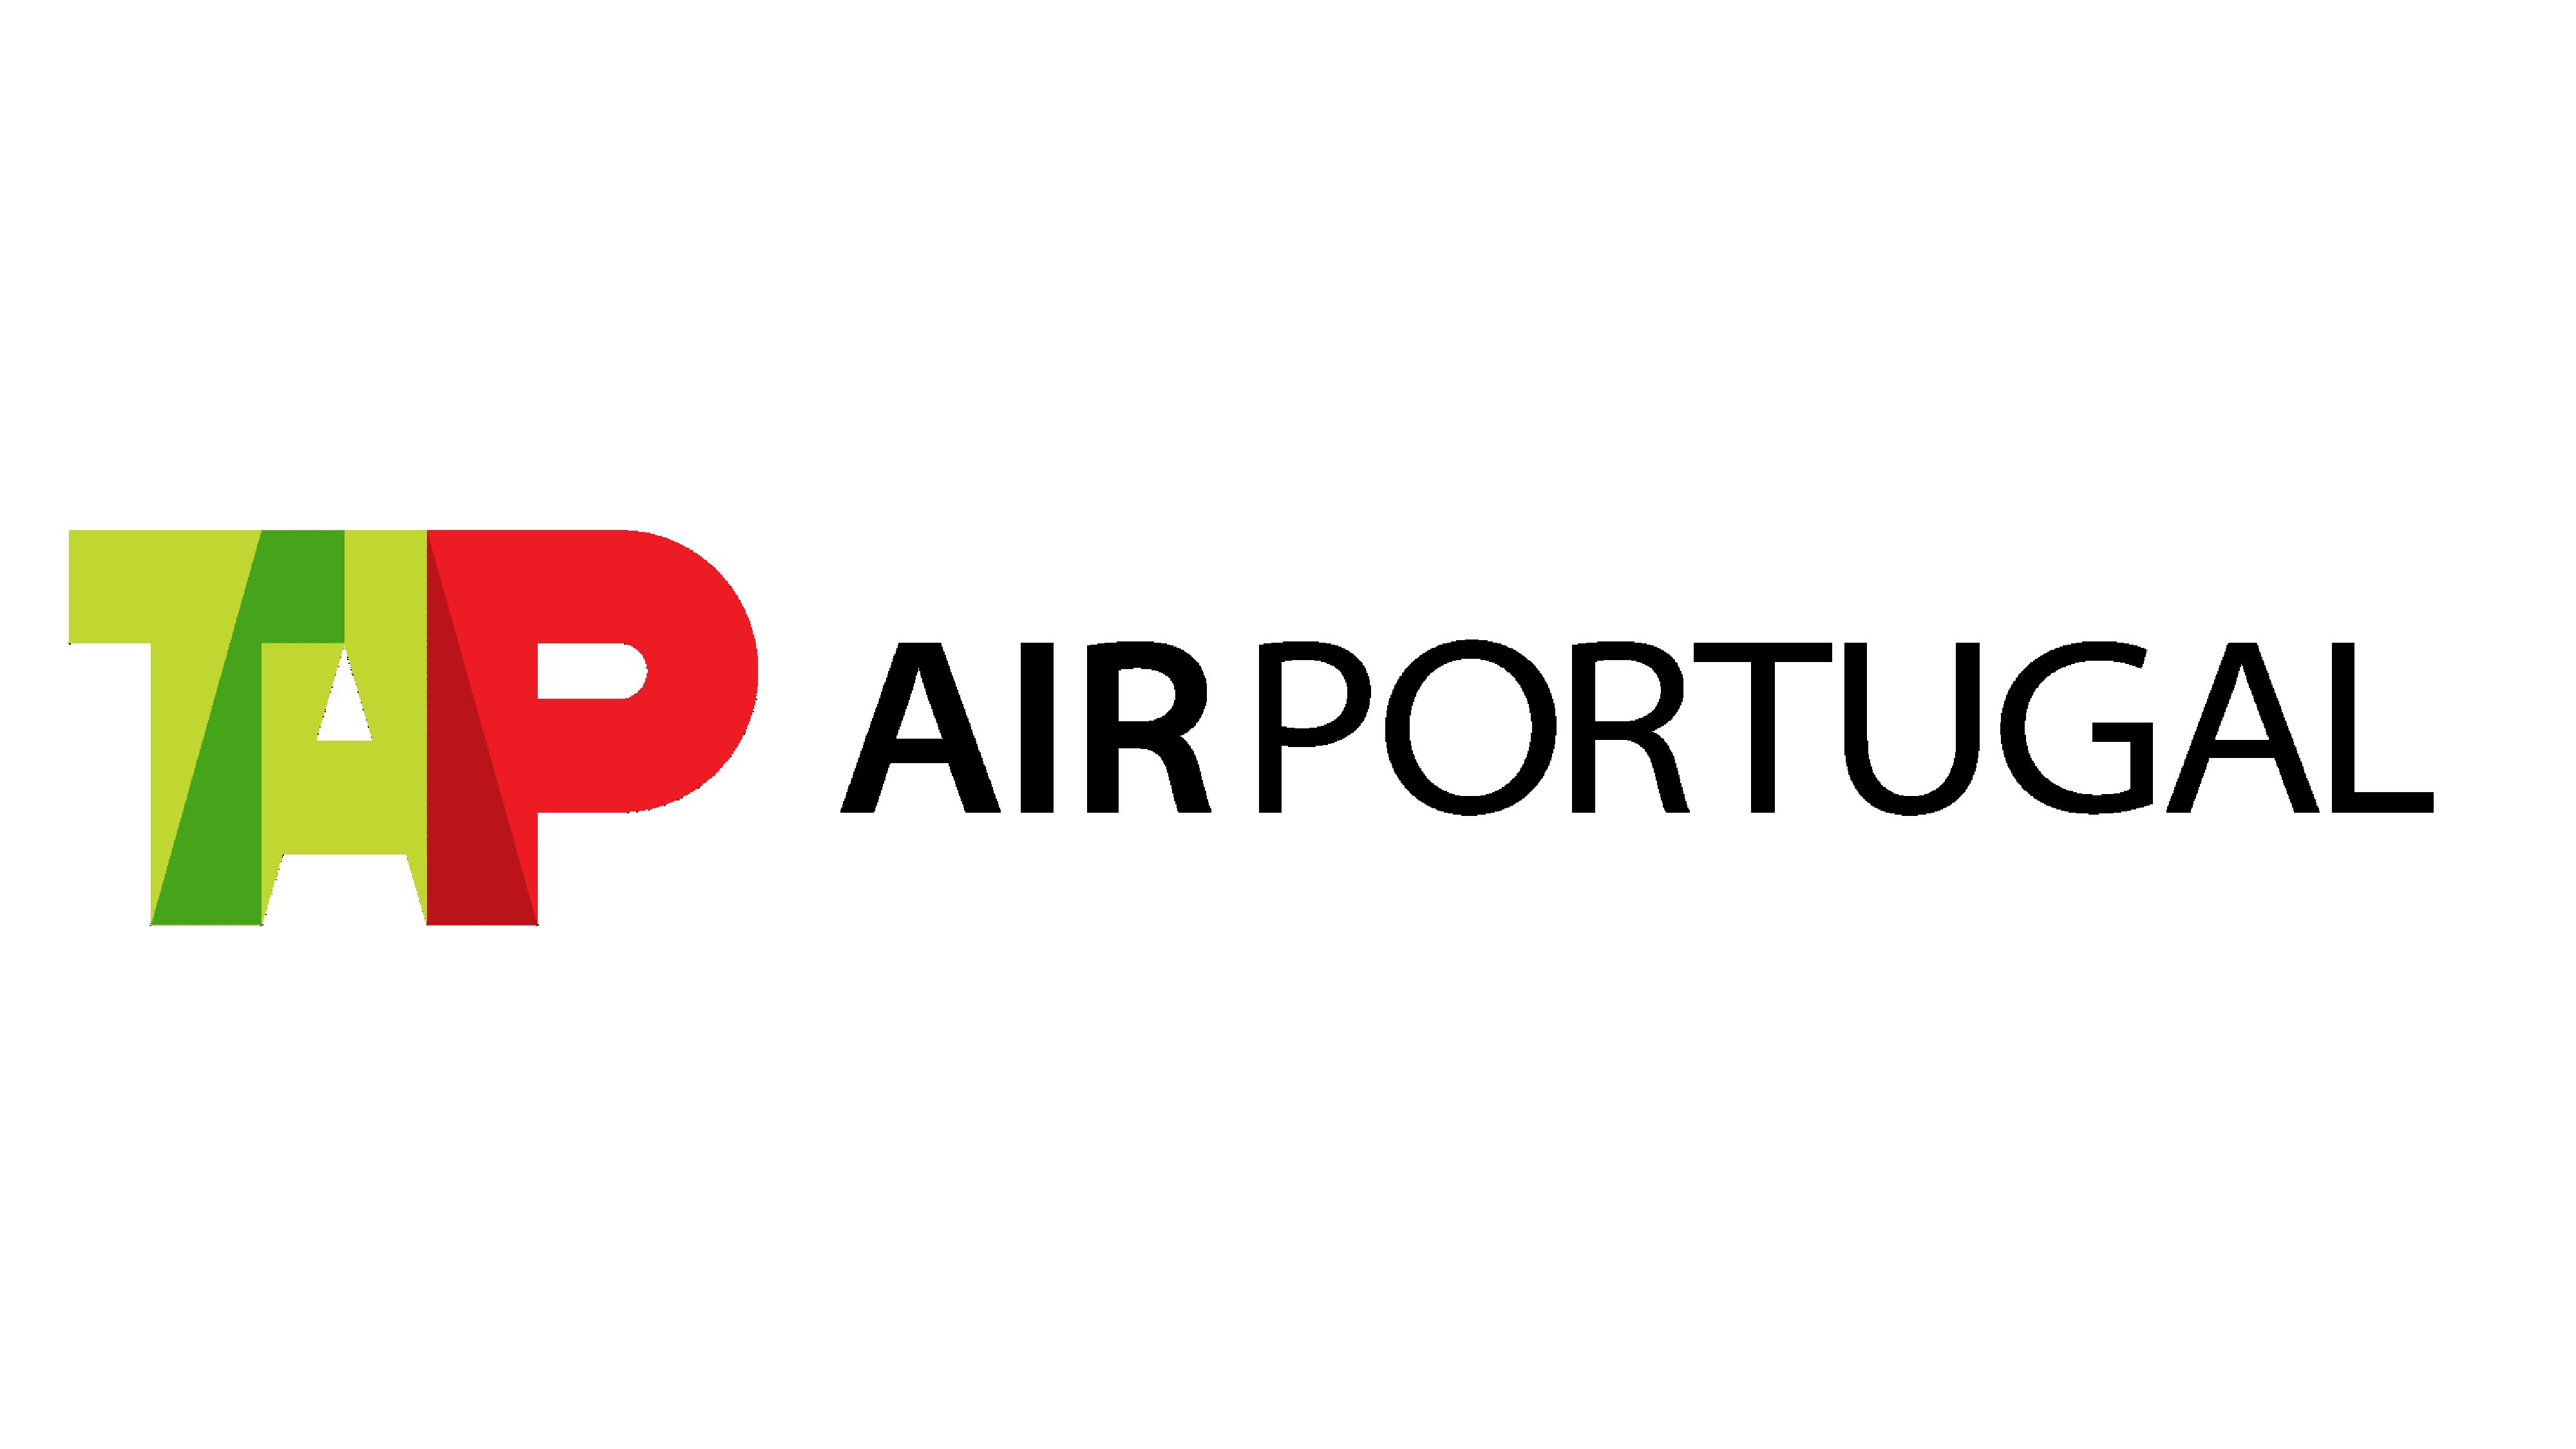 TAP Air Portugal Logo Logo